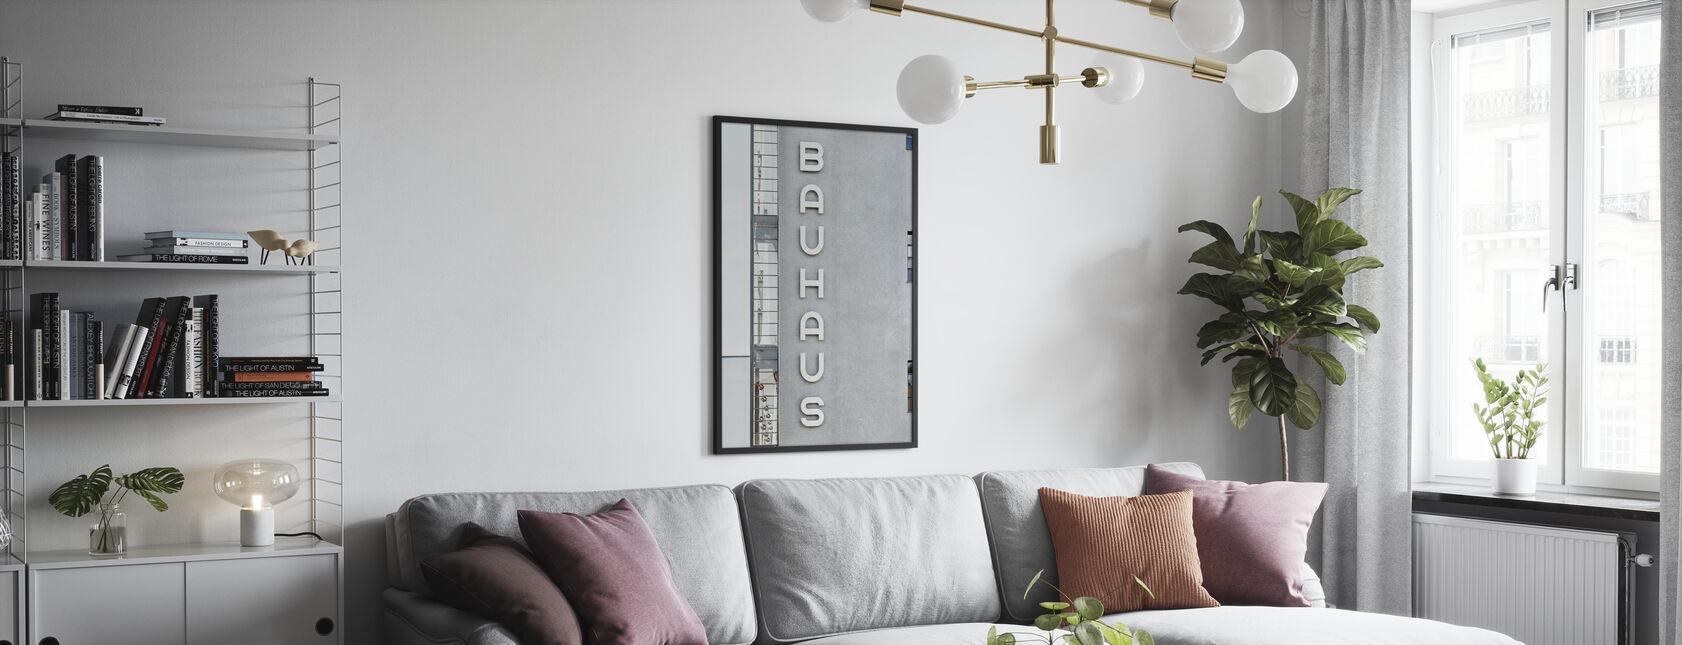 Bauhaus-bygning skrifttype - Plakat - Stue